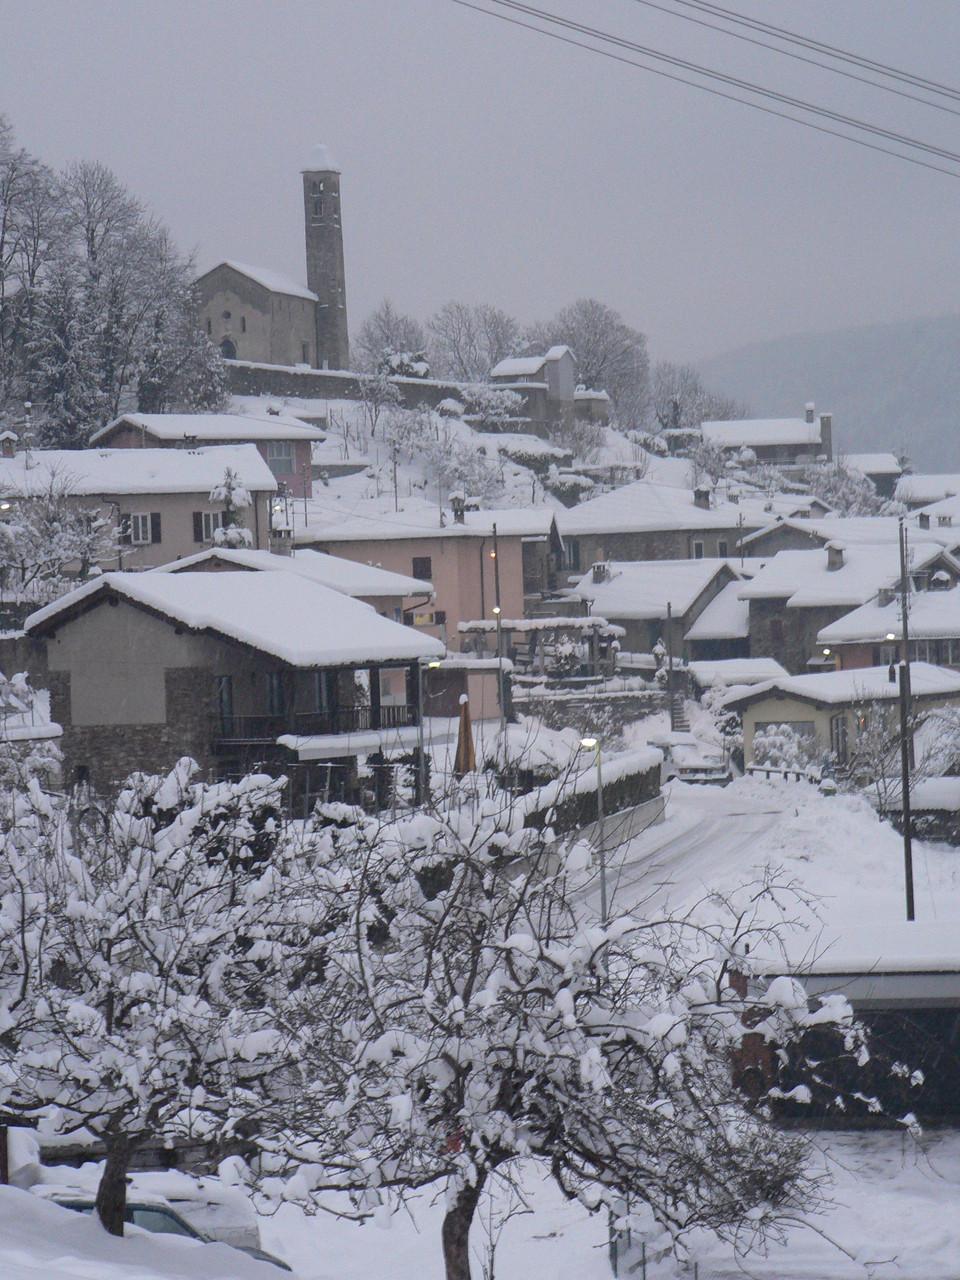 miglieglia sous la neige